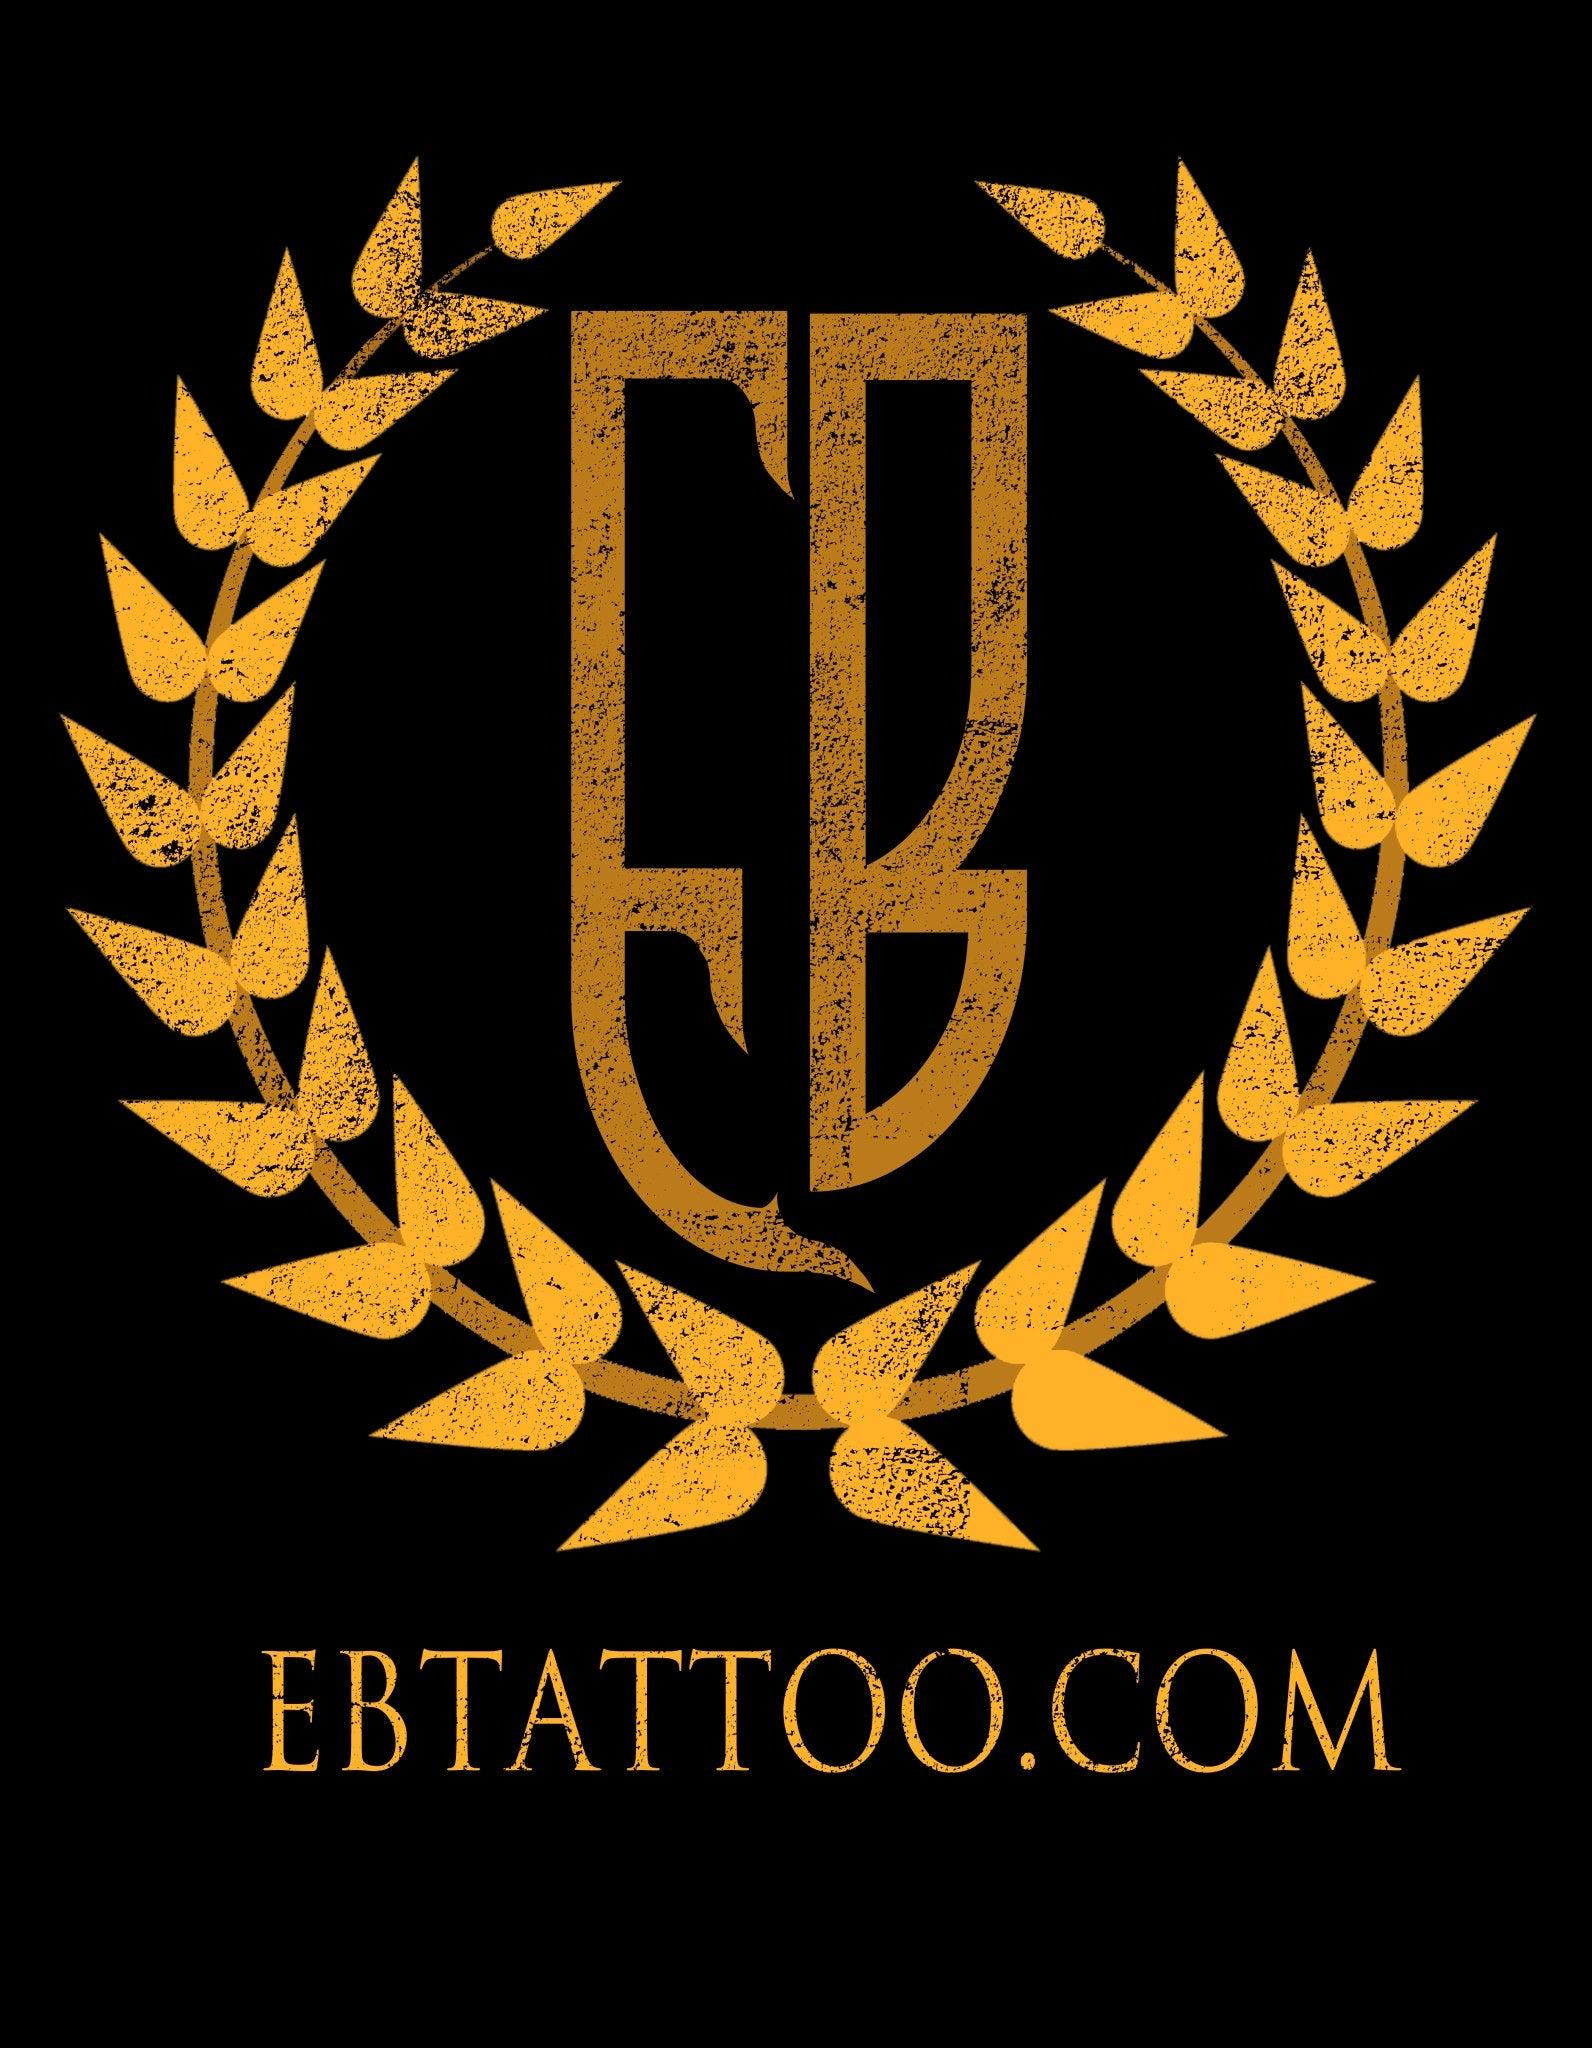 EB Tattoo